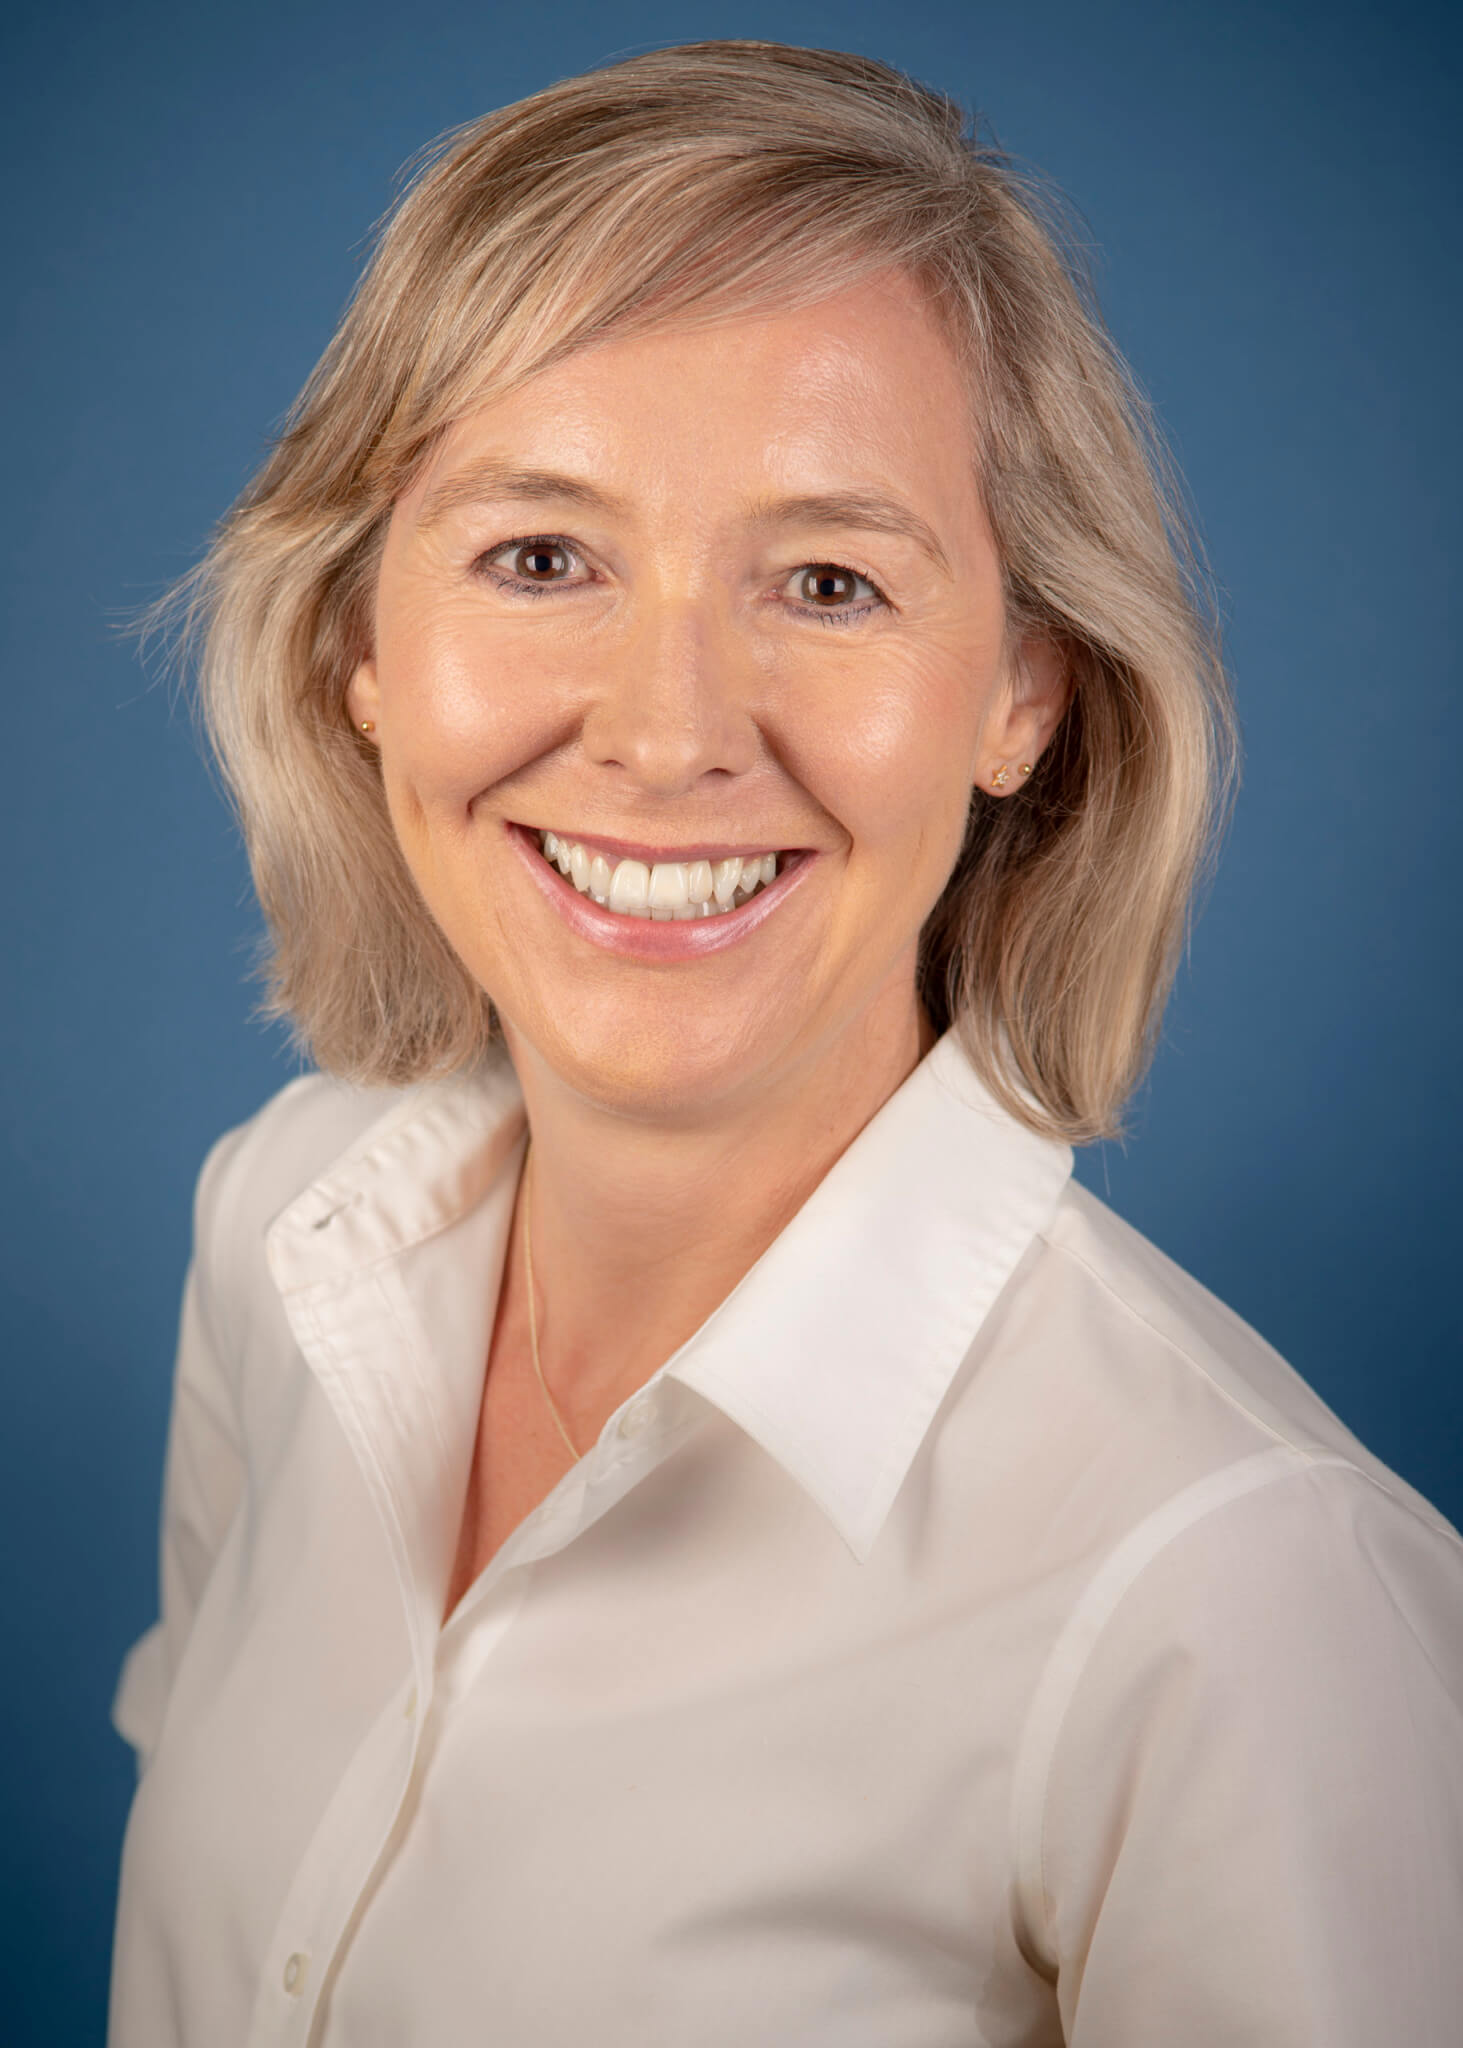 Cornelia Nestler